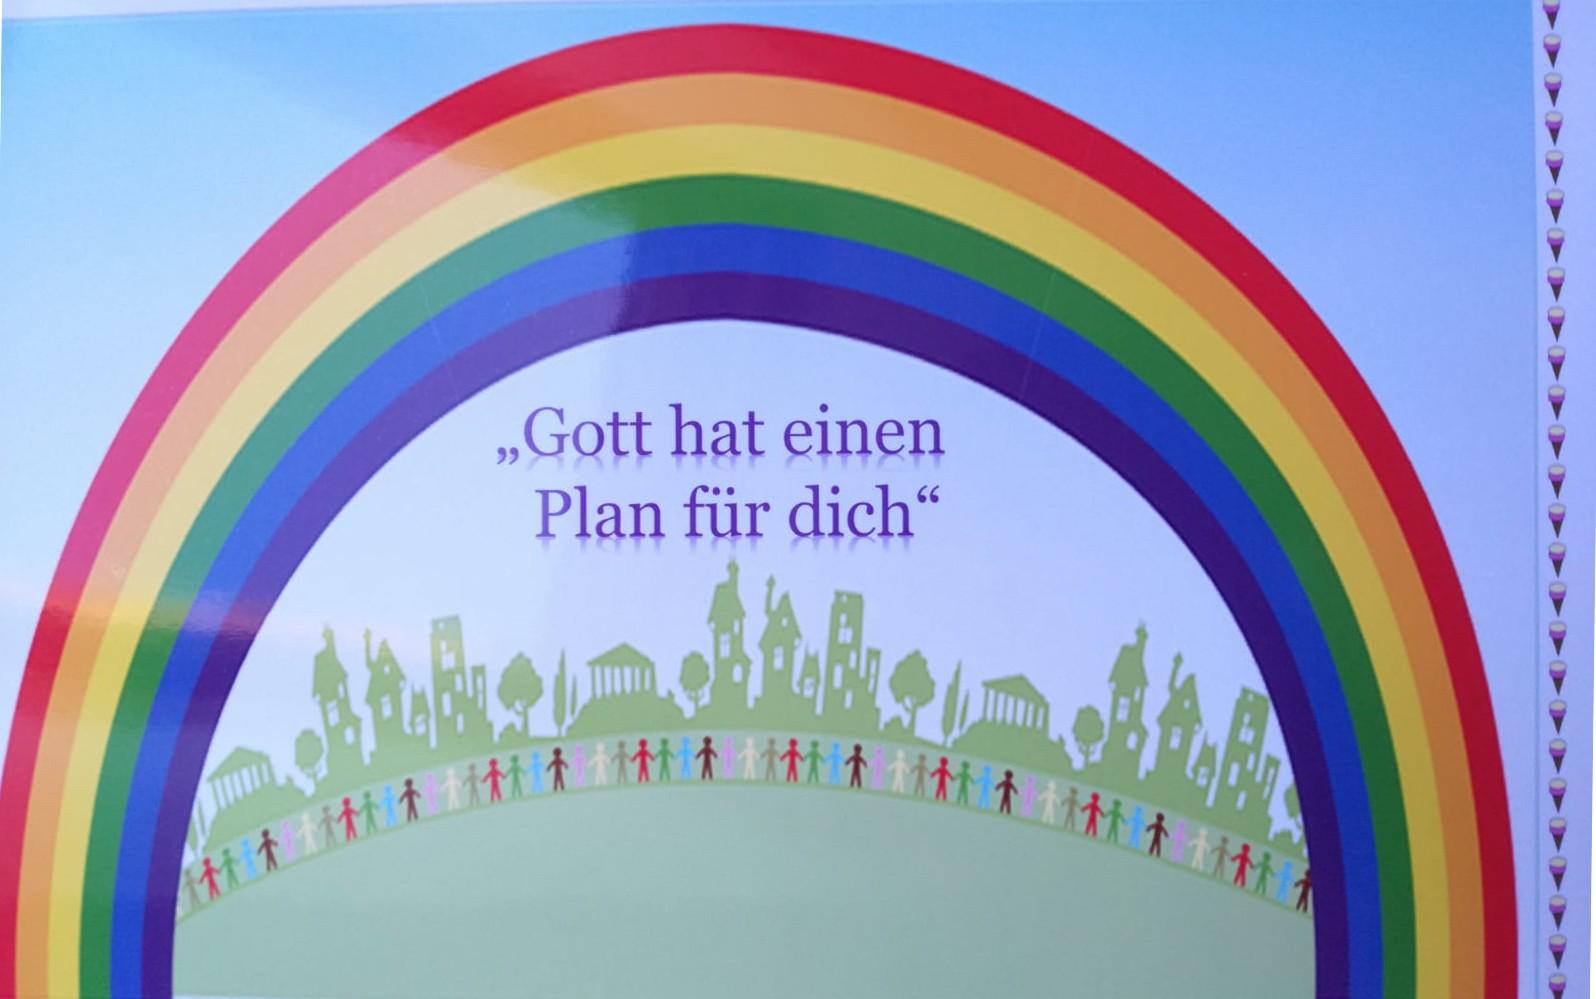 Gott hat einen Plan für dich